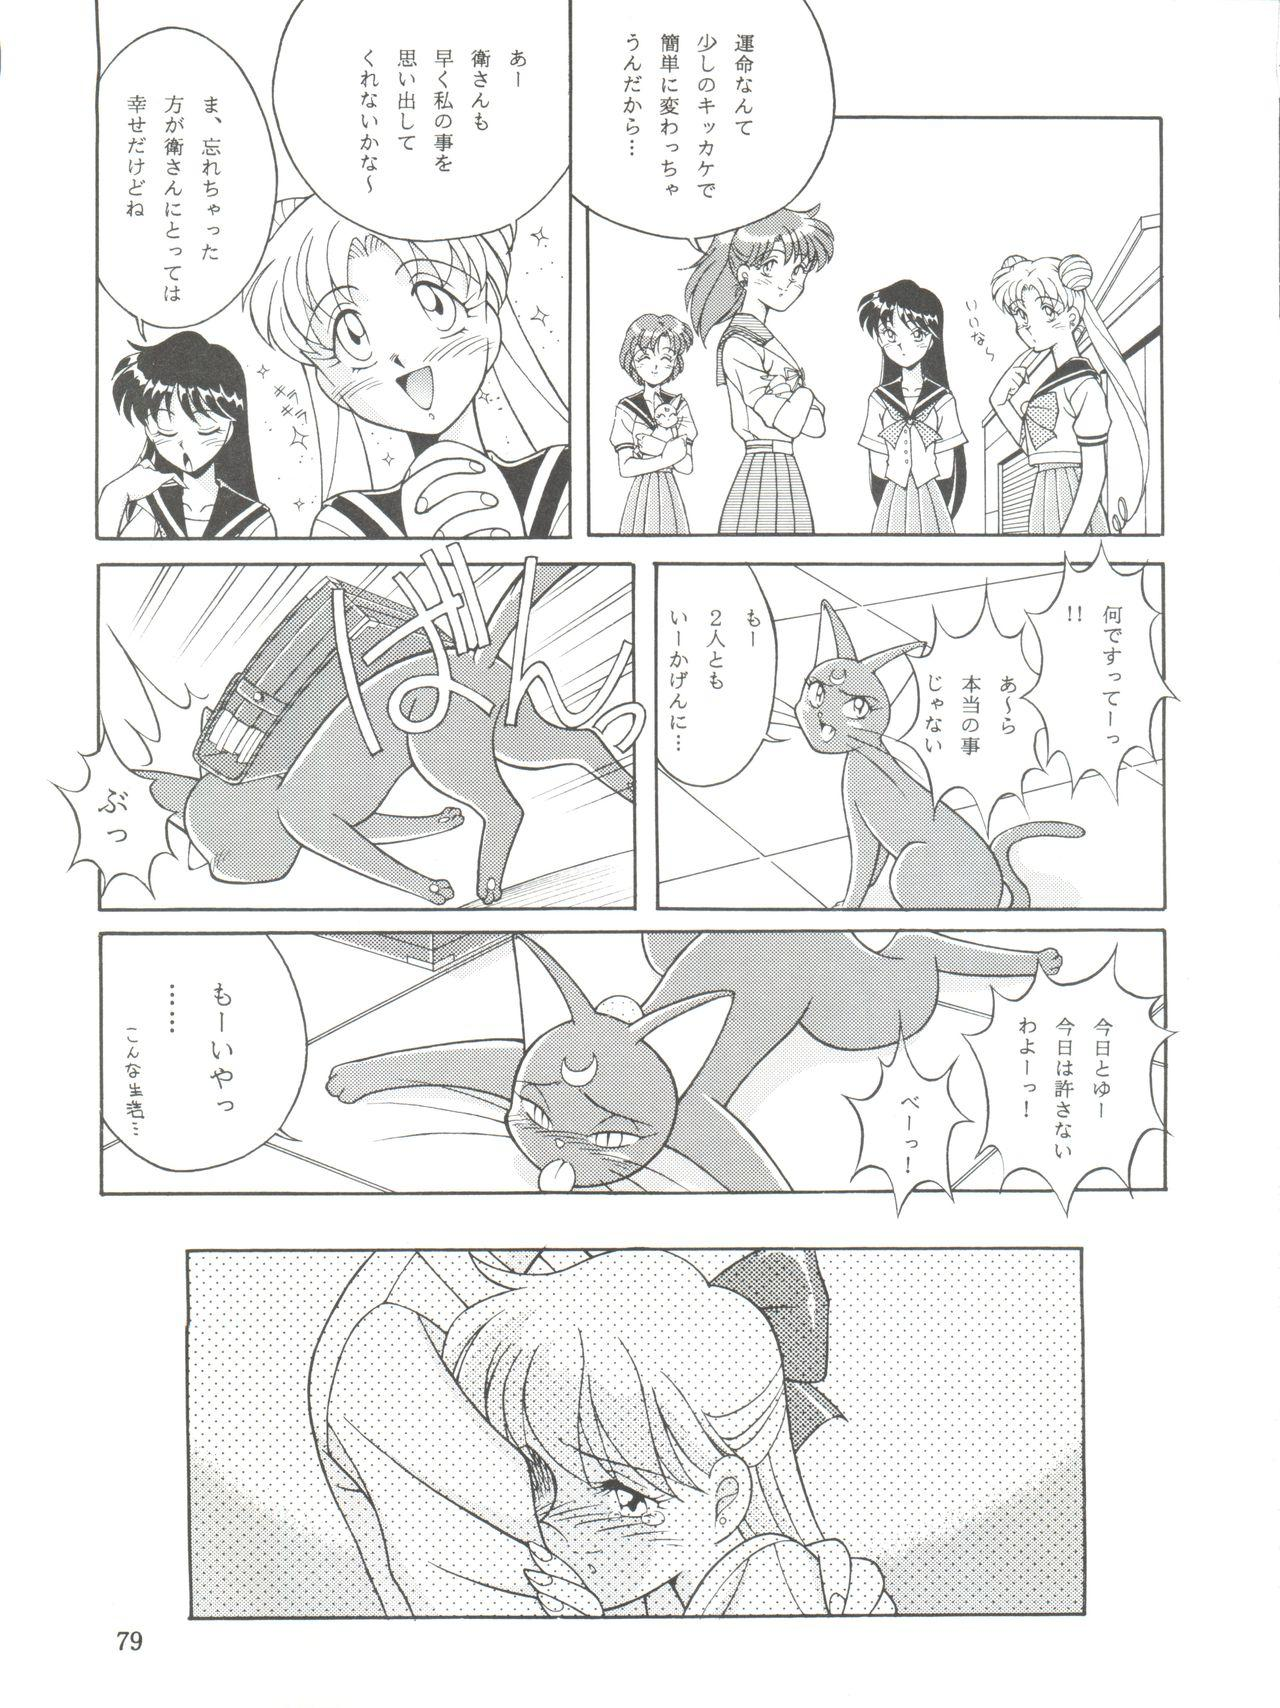 NANIWA-YA FINAL DRESS UP! 78